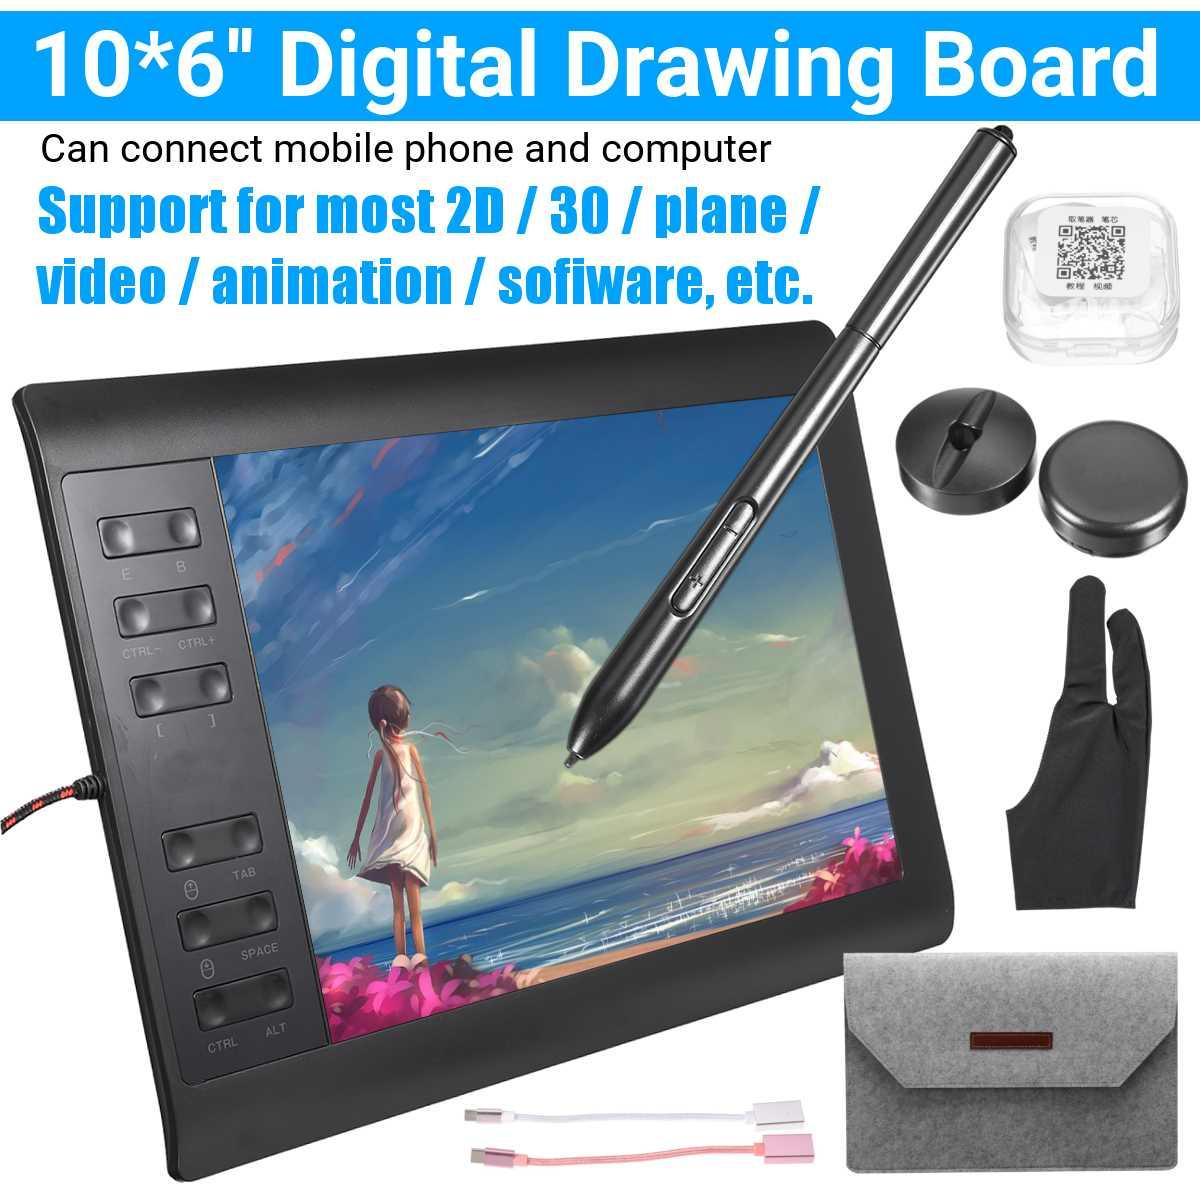 Tablette graphique 9.4x14.17 pouces pour dessin animé et jouer à OSU, avec stylet à batterie et sac de protection, 8192 niveaux de sensibilité à la pression